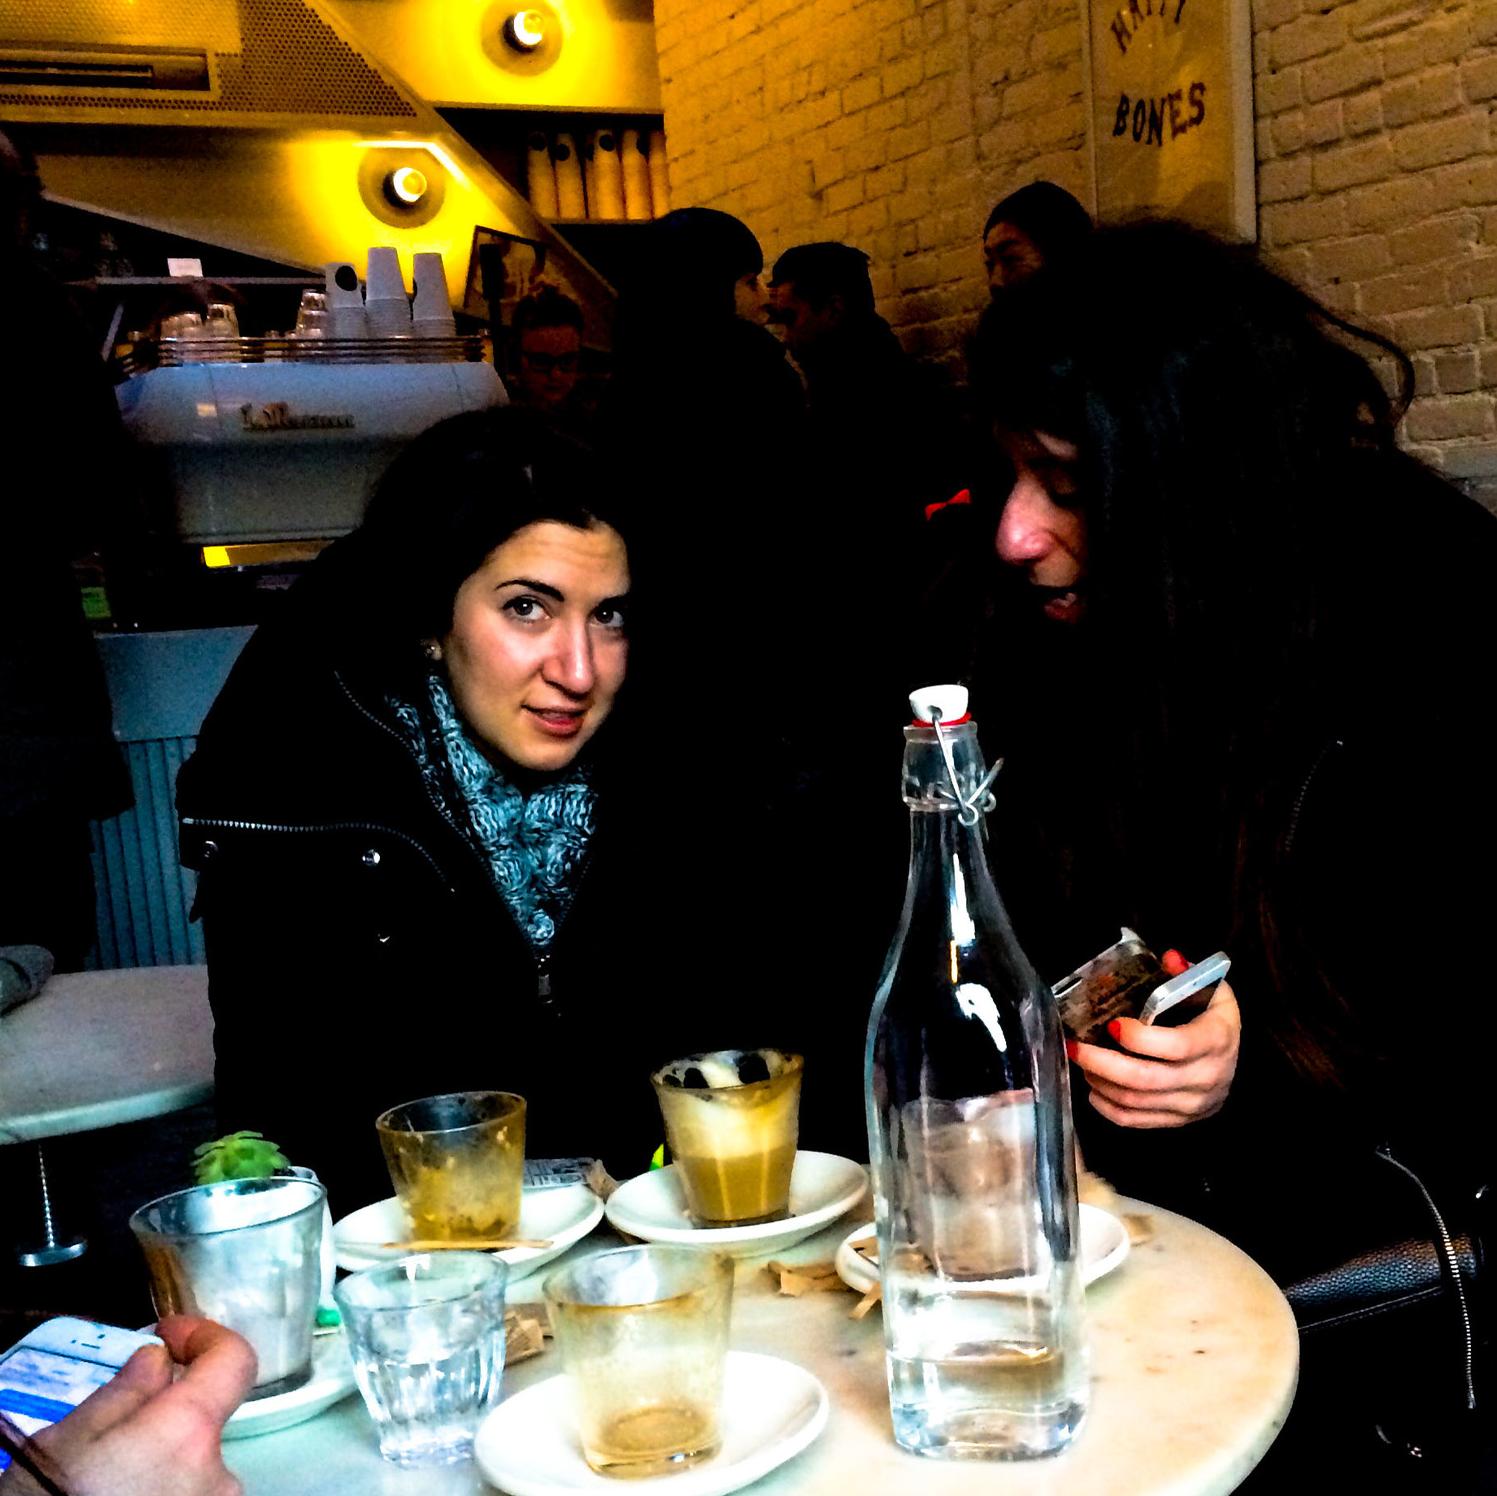 lady-in-group-having-coffee.jpg